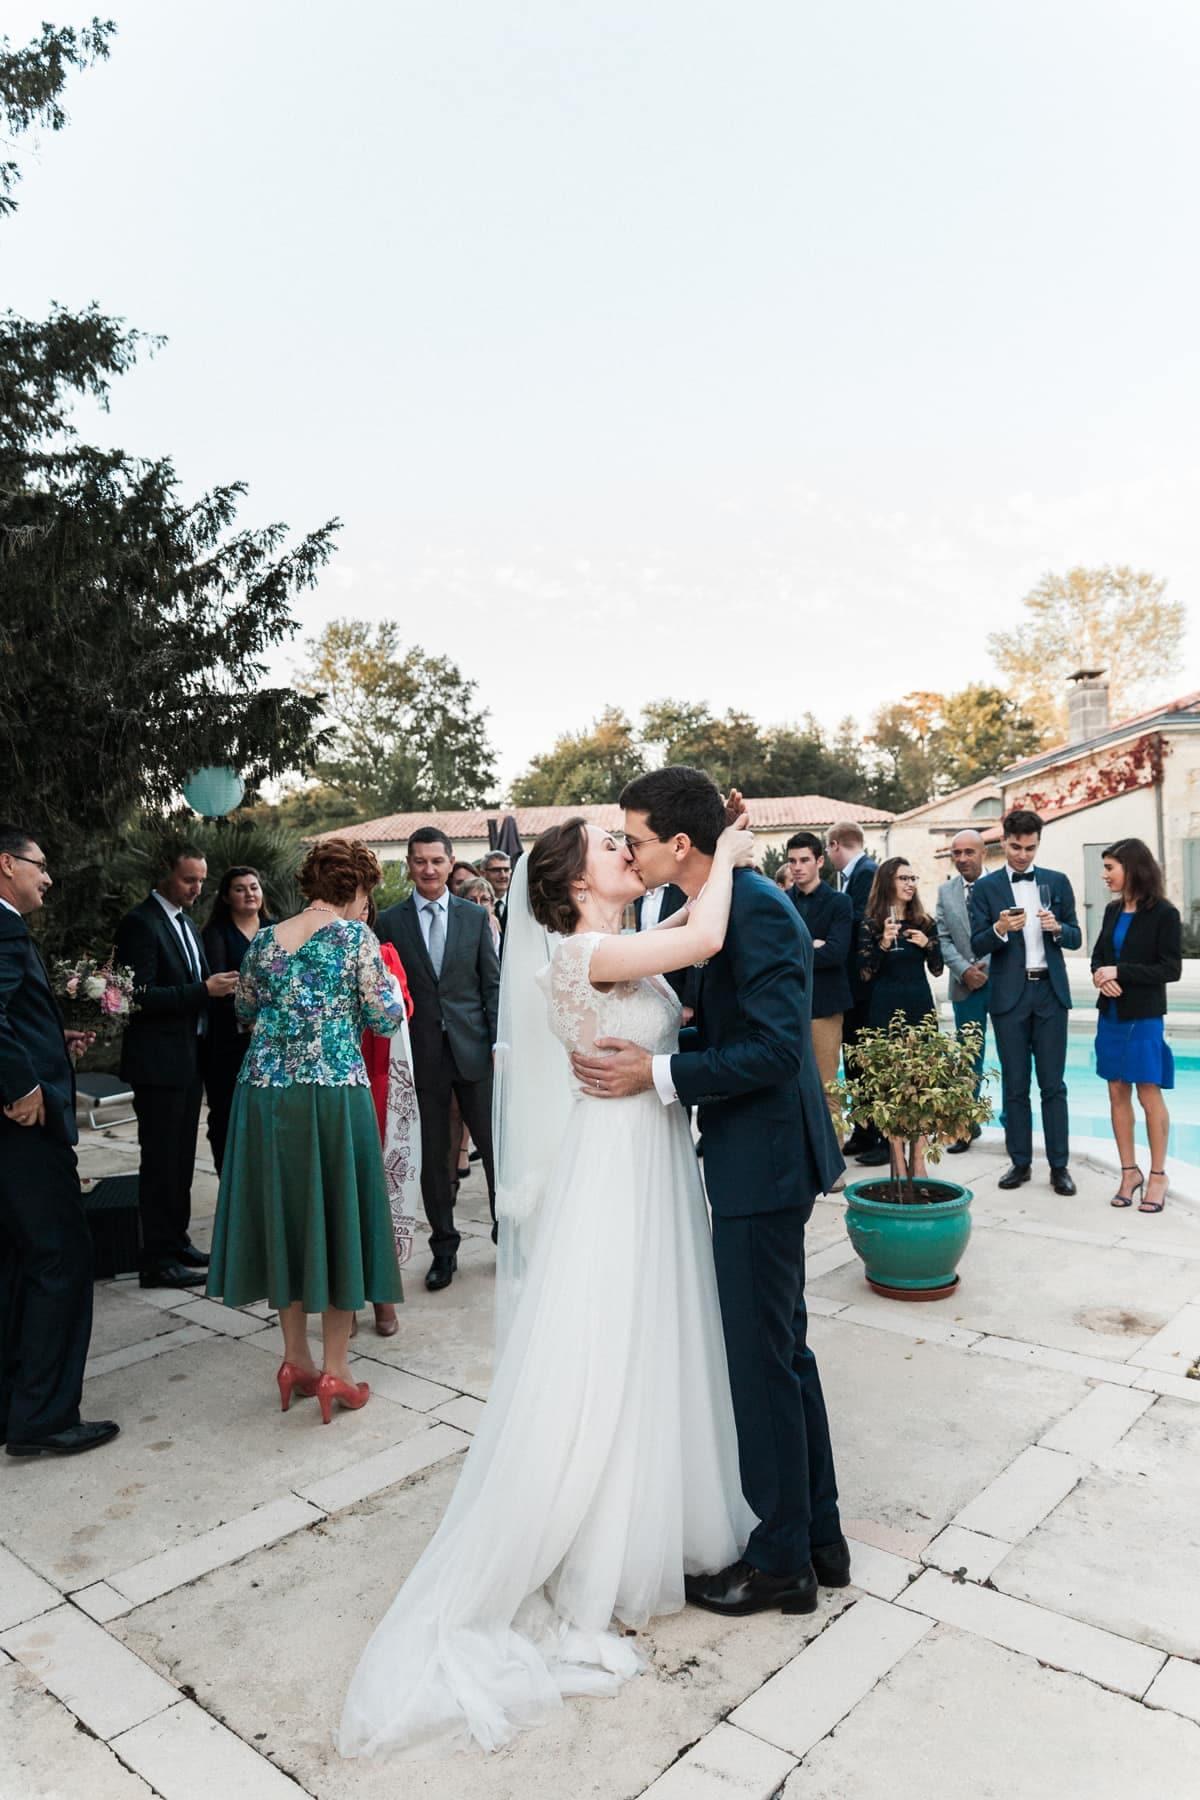 Mariage intimiste à Bordeaux : les mariés s'embrassent au milieu des invités